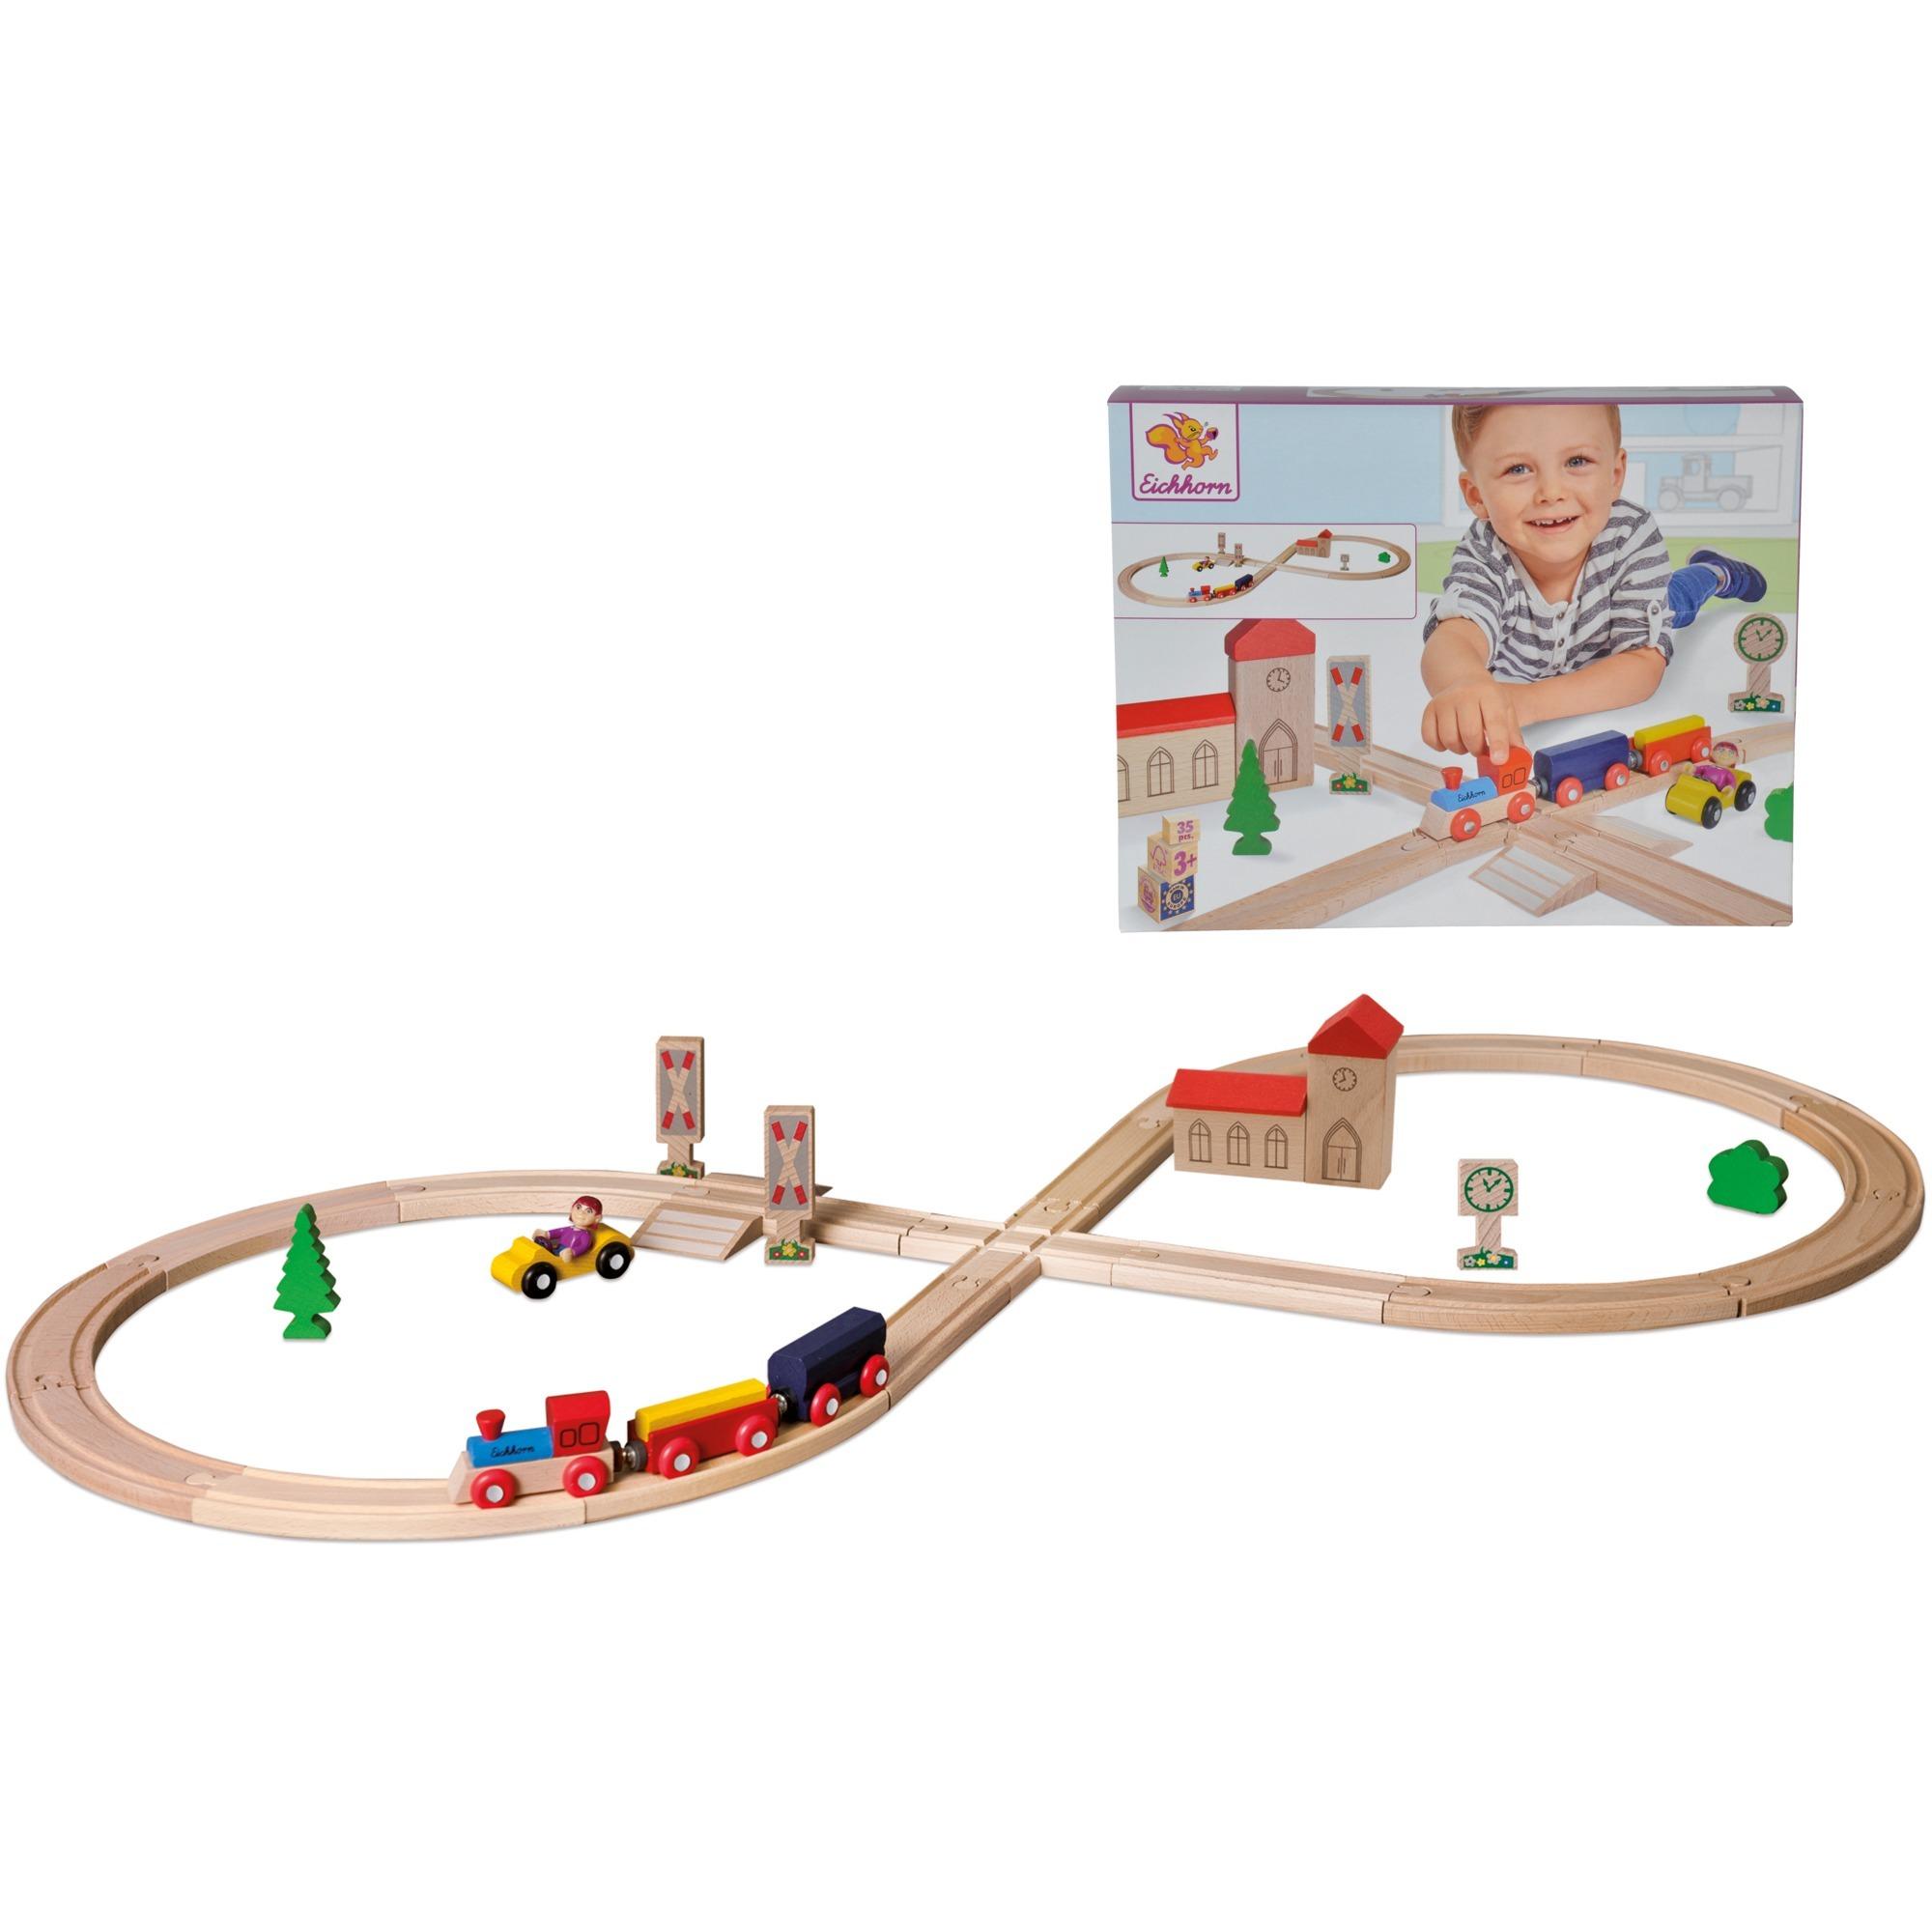 100001262 modelo de ferrocarril y tren